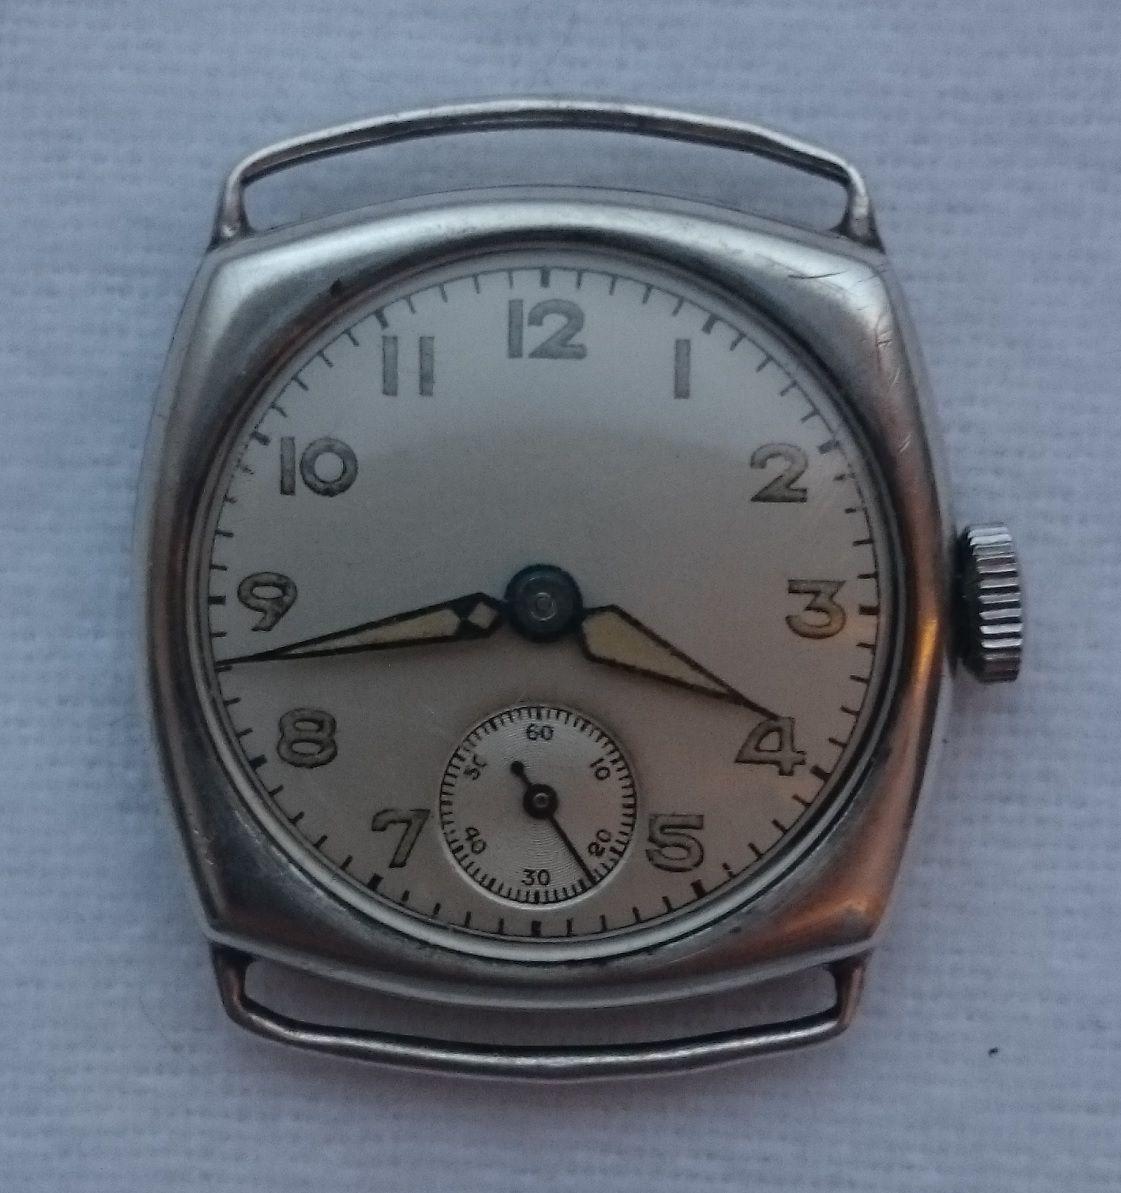 Zegarek Wojskowy Mido Srebrny 1920r Unikat 6629766747 Oficjalne Archiwum Allegro Chronograph Pocket Watch Omega Watch